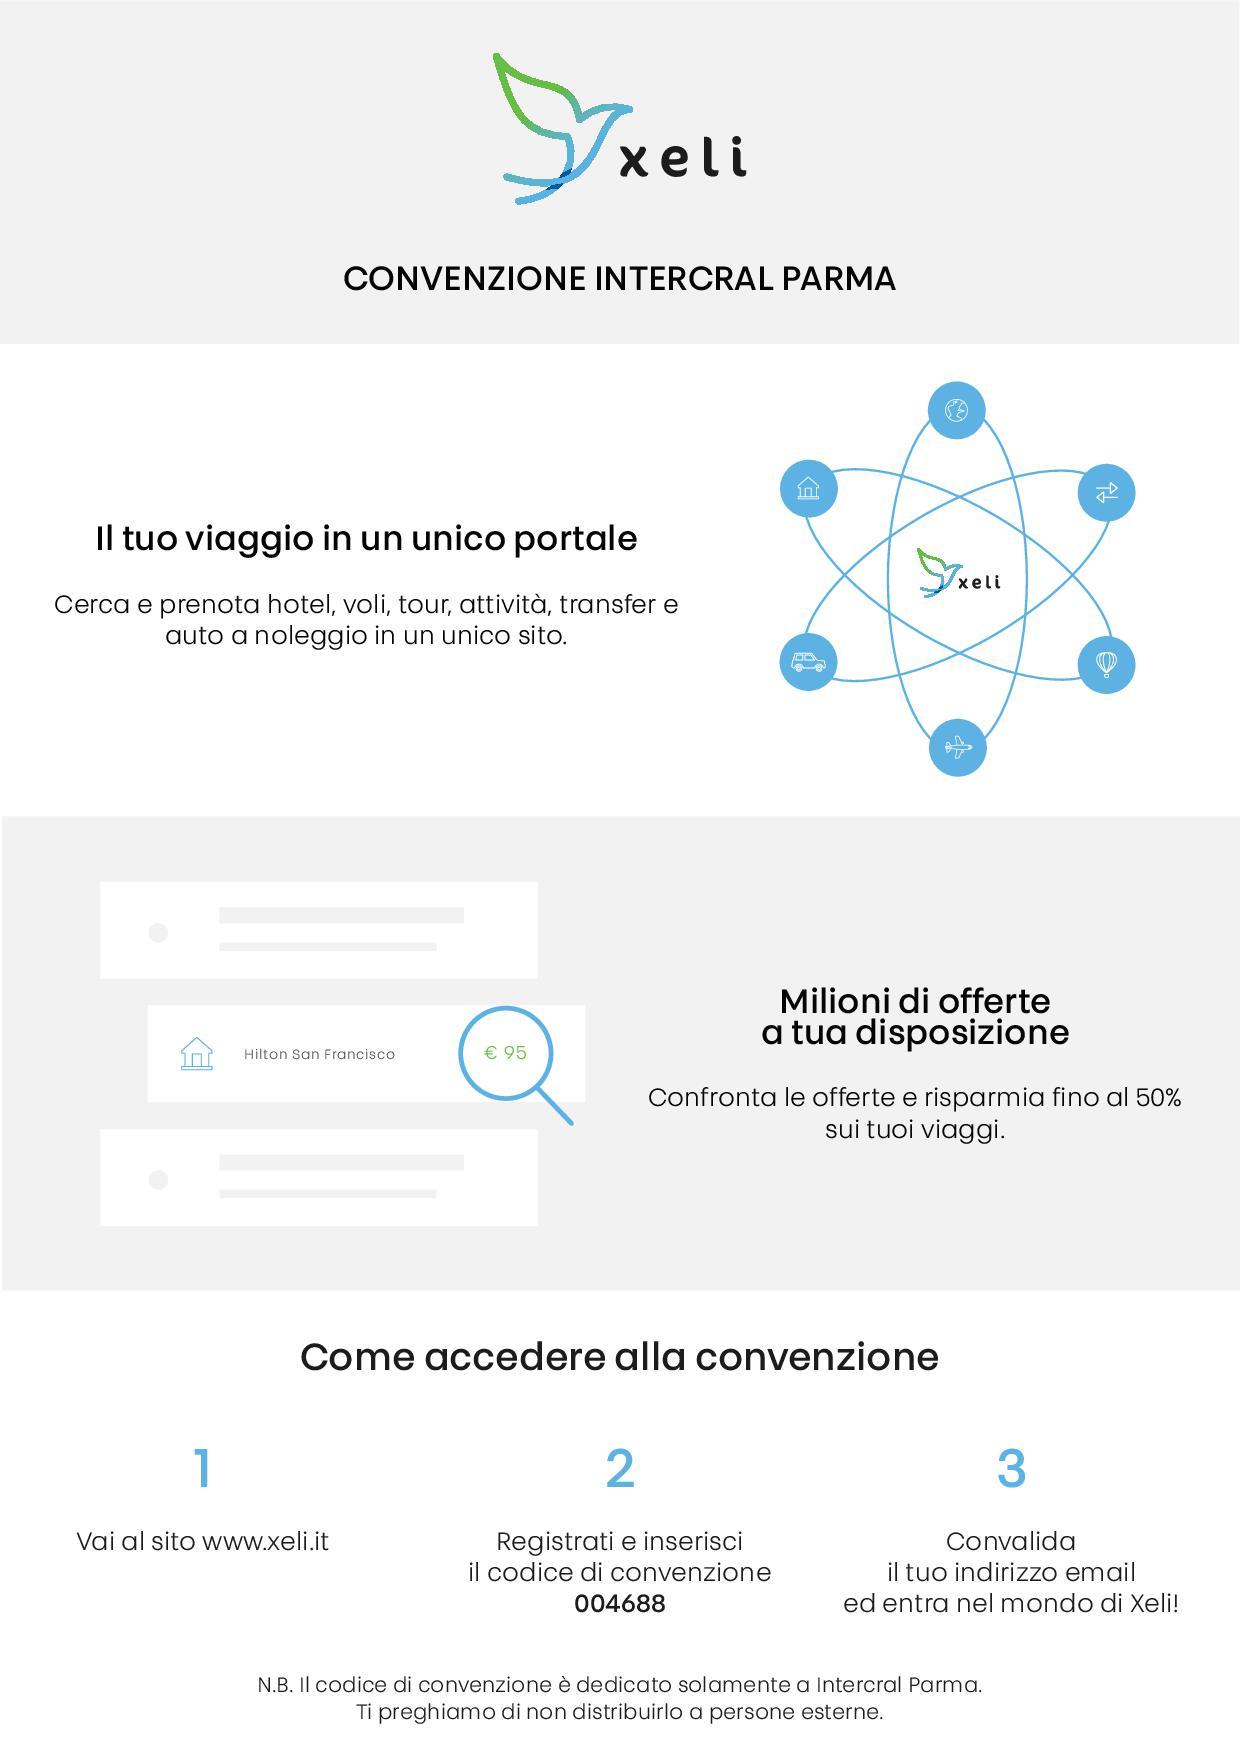 Convenzione Xeli - Intercral Parma